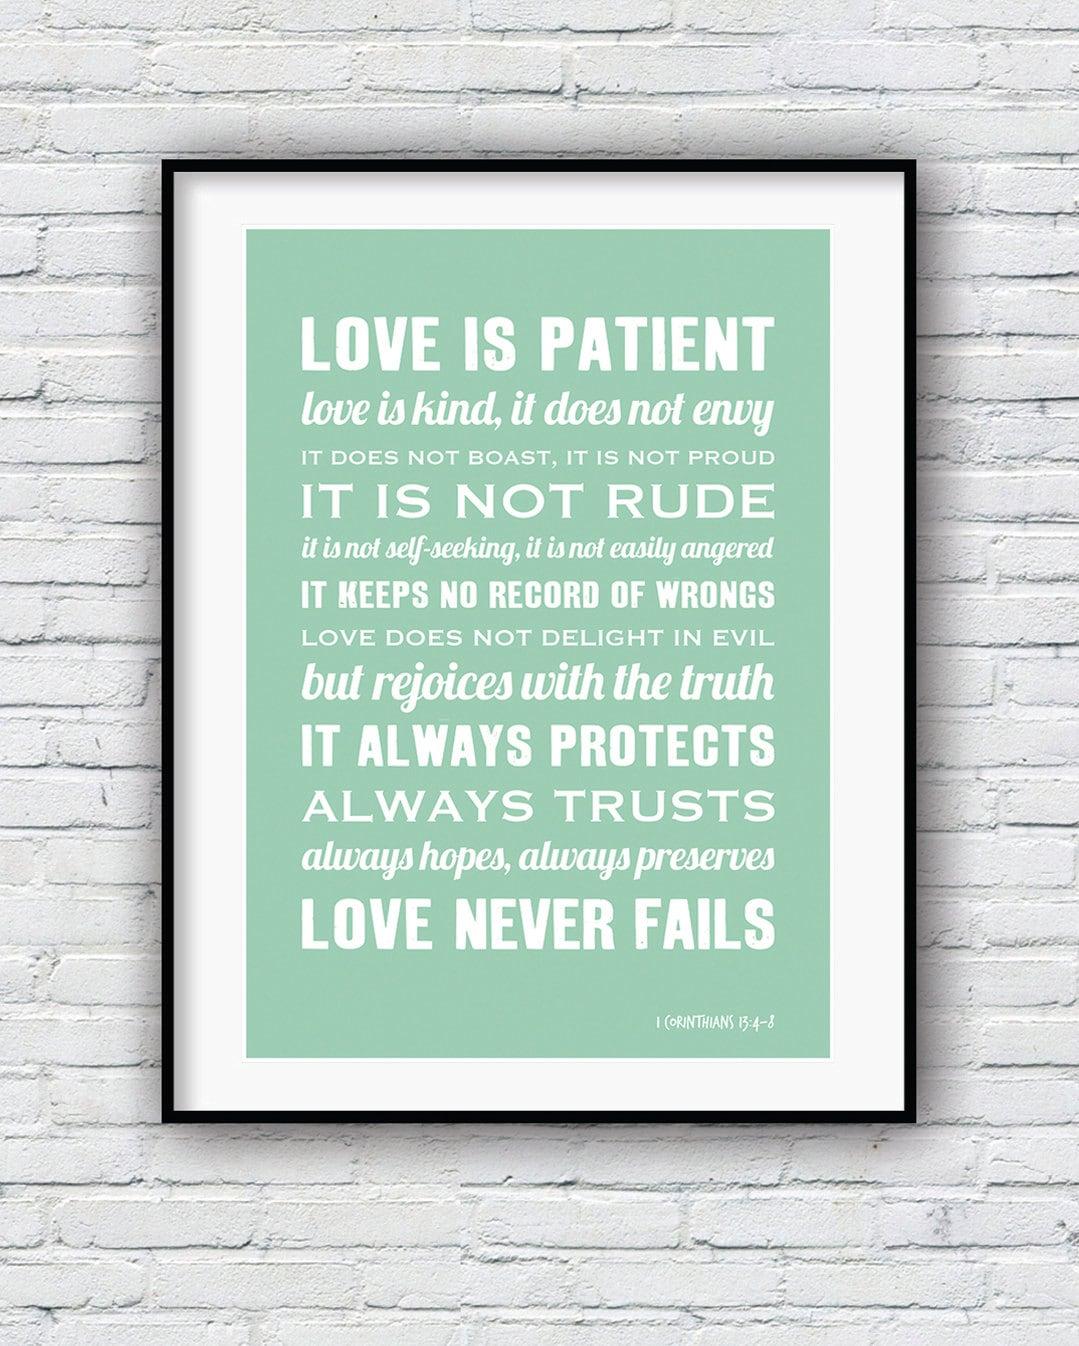 Love Is Patient Love Is Kind Quote: 1 Corinthians 13 Bible Verse Wall Art Love Is Patient Love